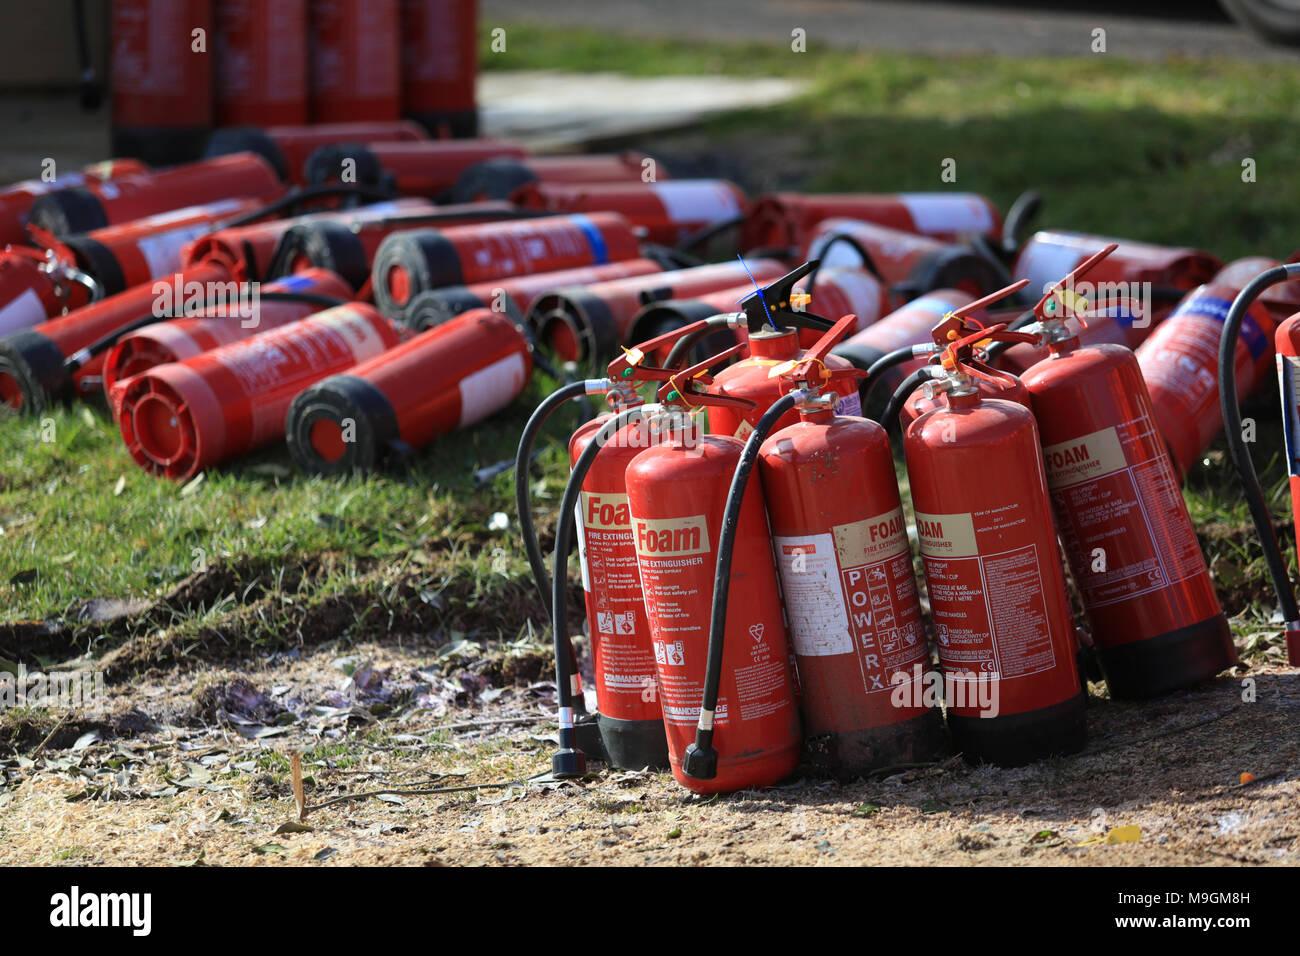 Extintores de incendios utilizado por el deporte de motor de marshals de capacitación para la lucha contra incendios. Imagen De Stock